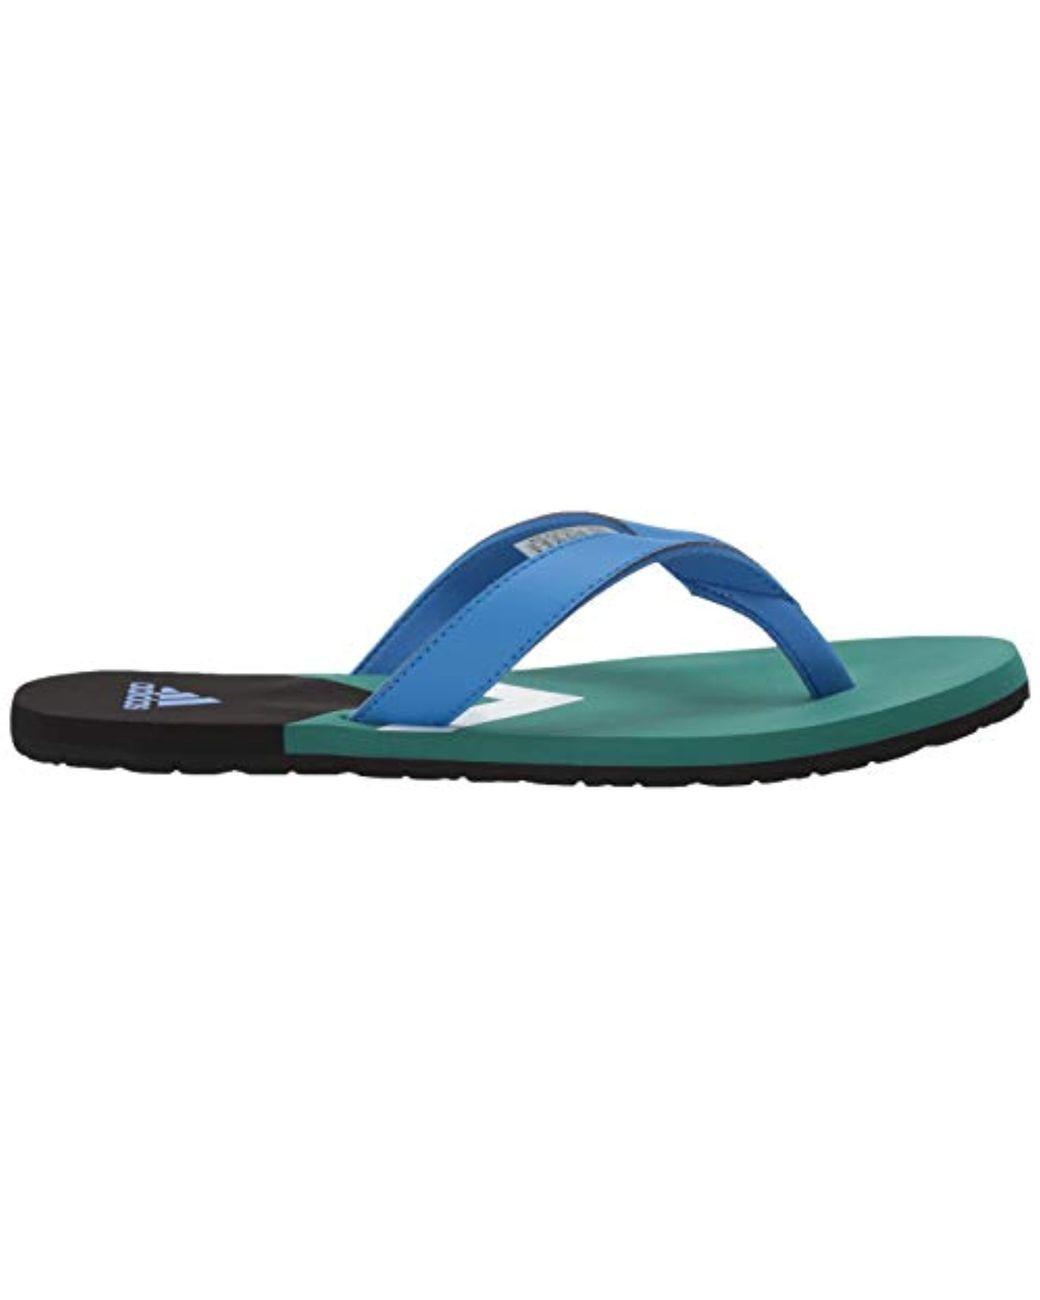 902f39718f7c1 Men's Eezay Flip Flop